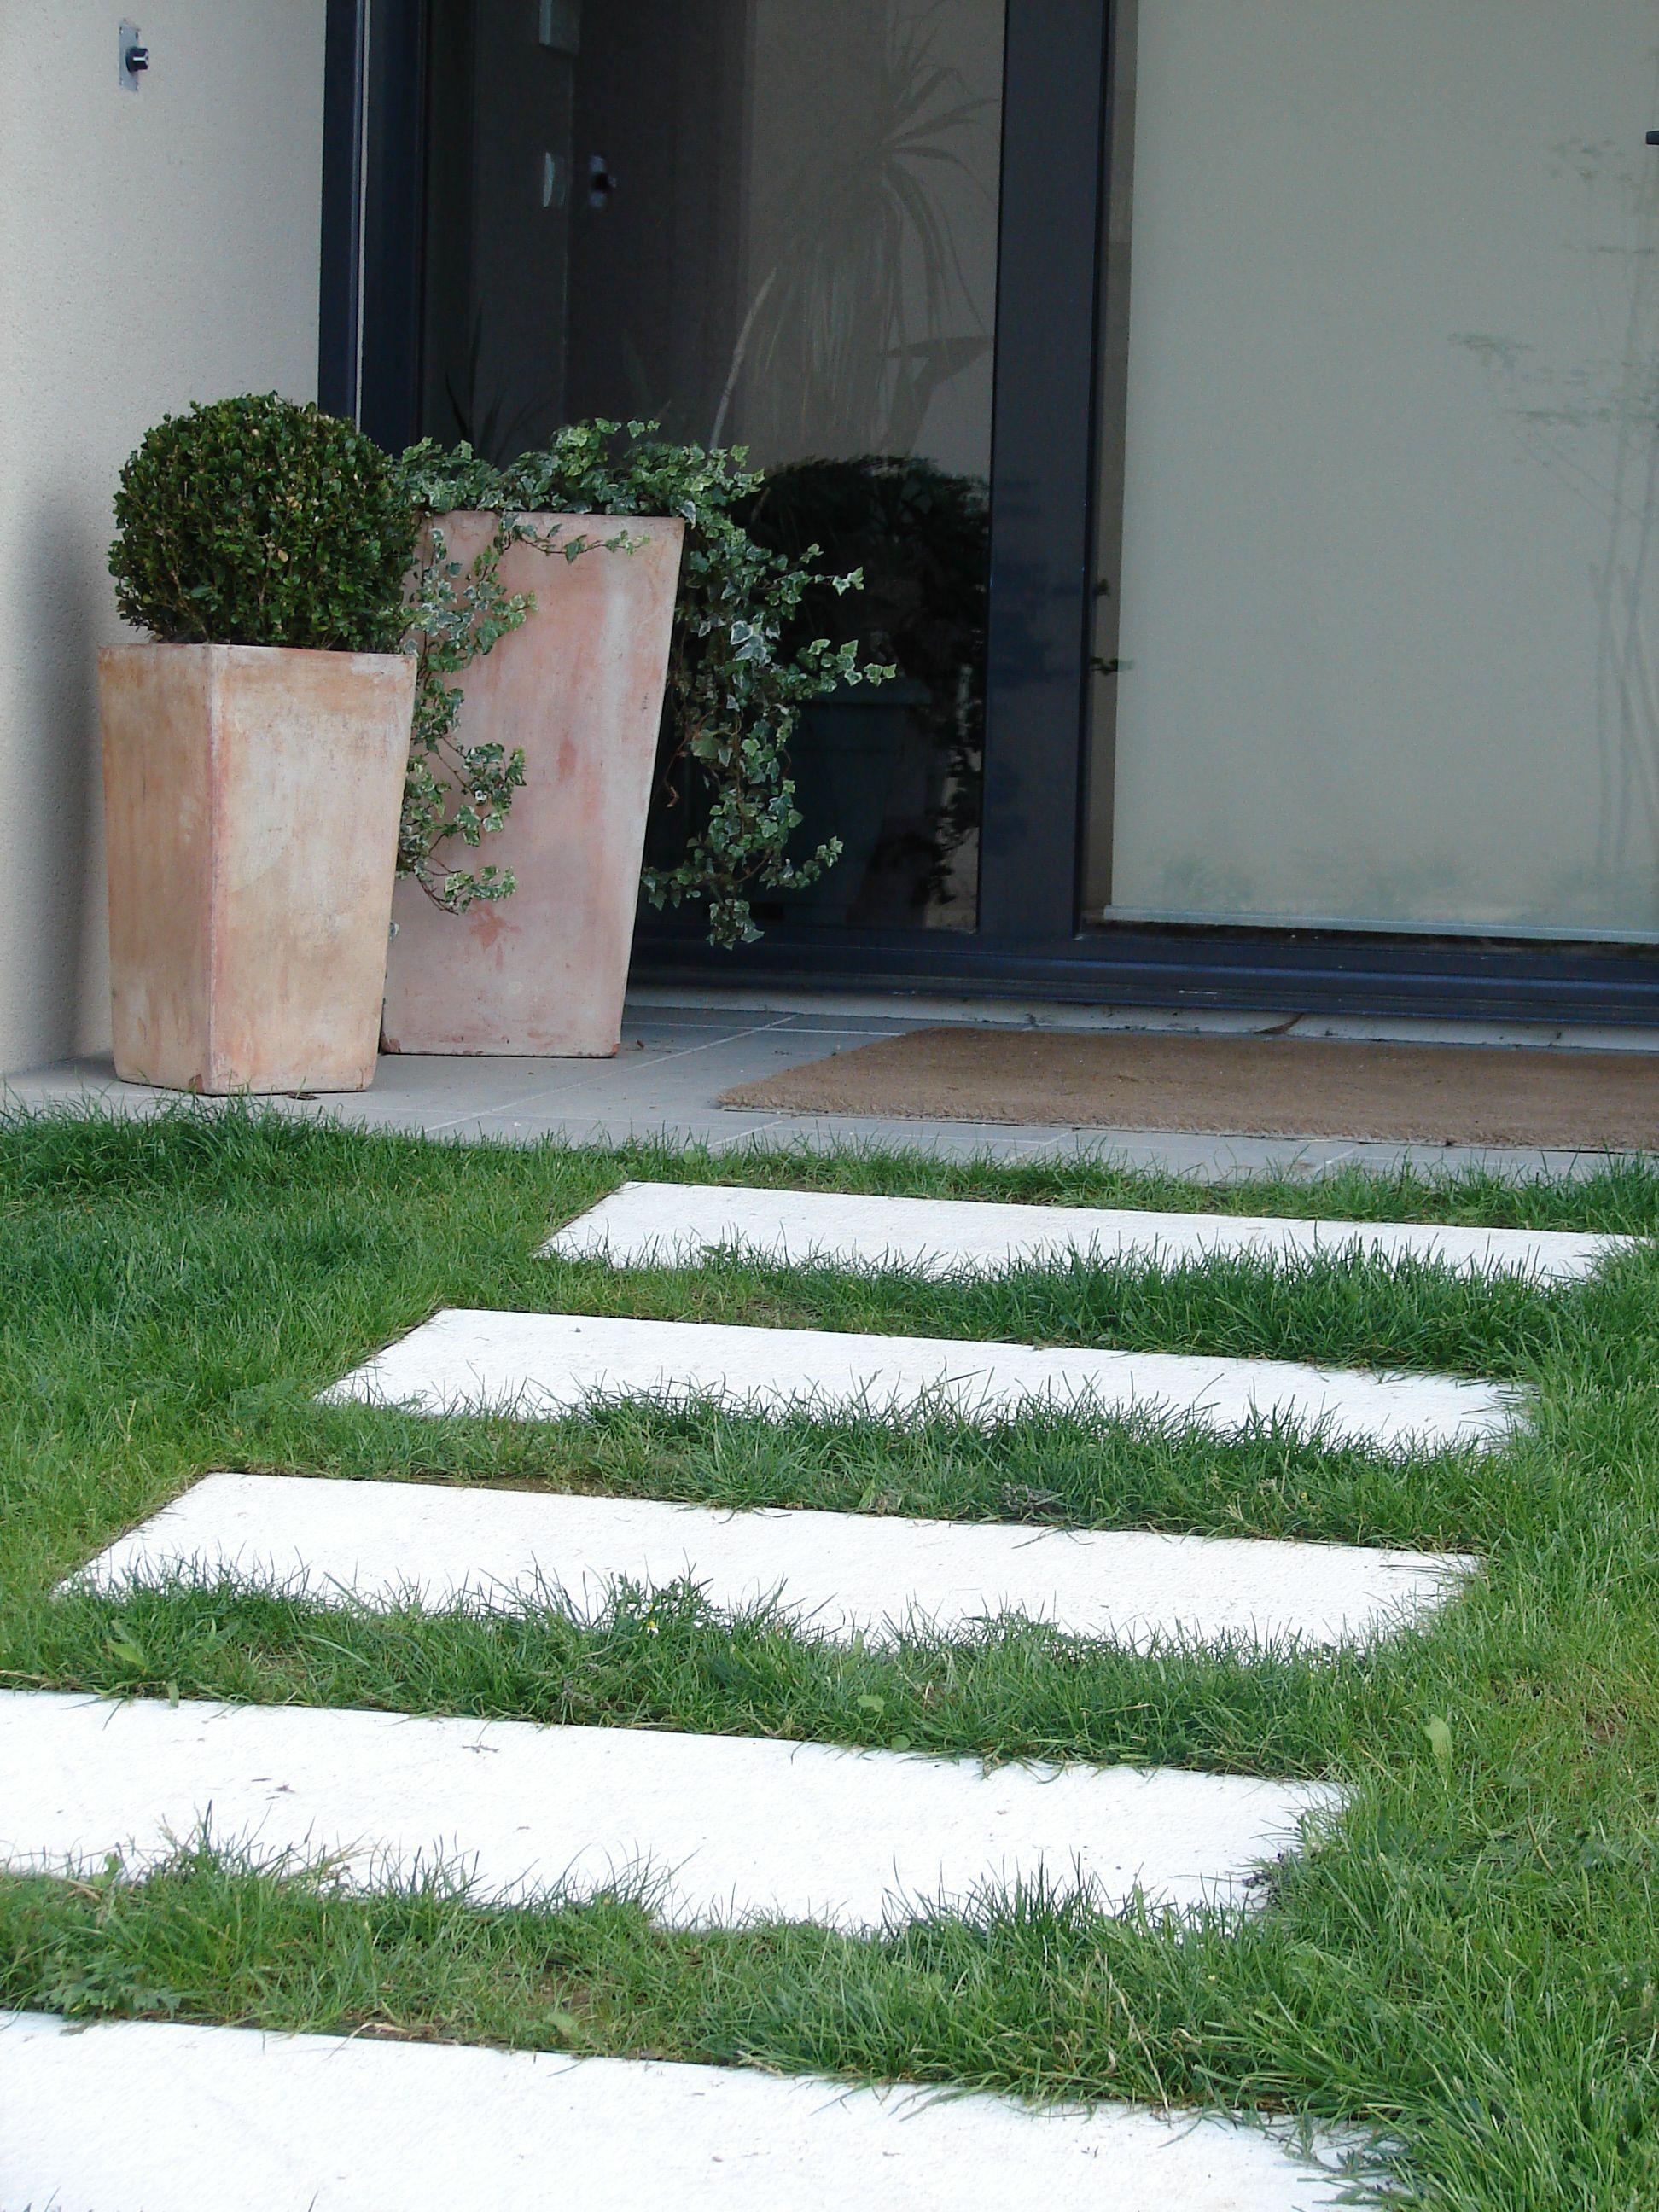 Comment Placer Des Dalles De Jardin Épinglé par anne-claude jean-baptiste sur my jardin en 2020